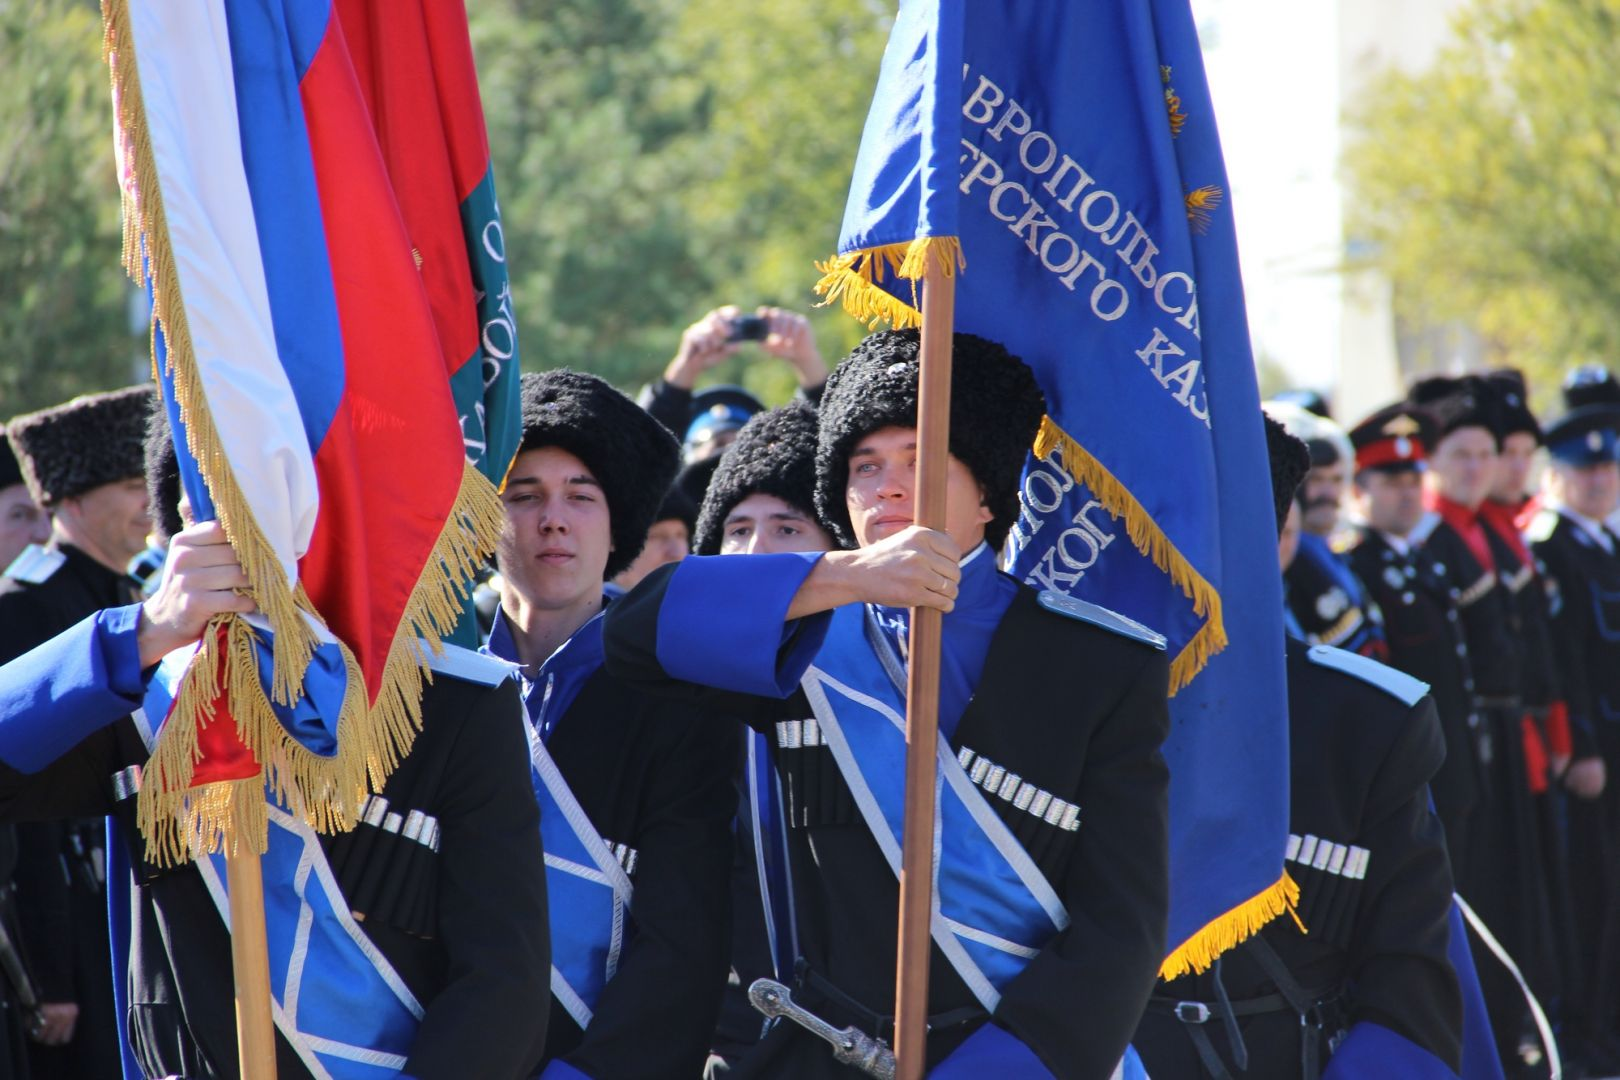 В Новопавловске пройдёт празднование 440-летия Терского казачьего войска